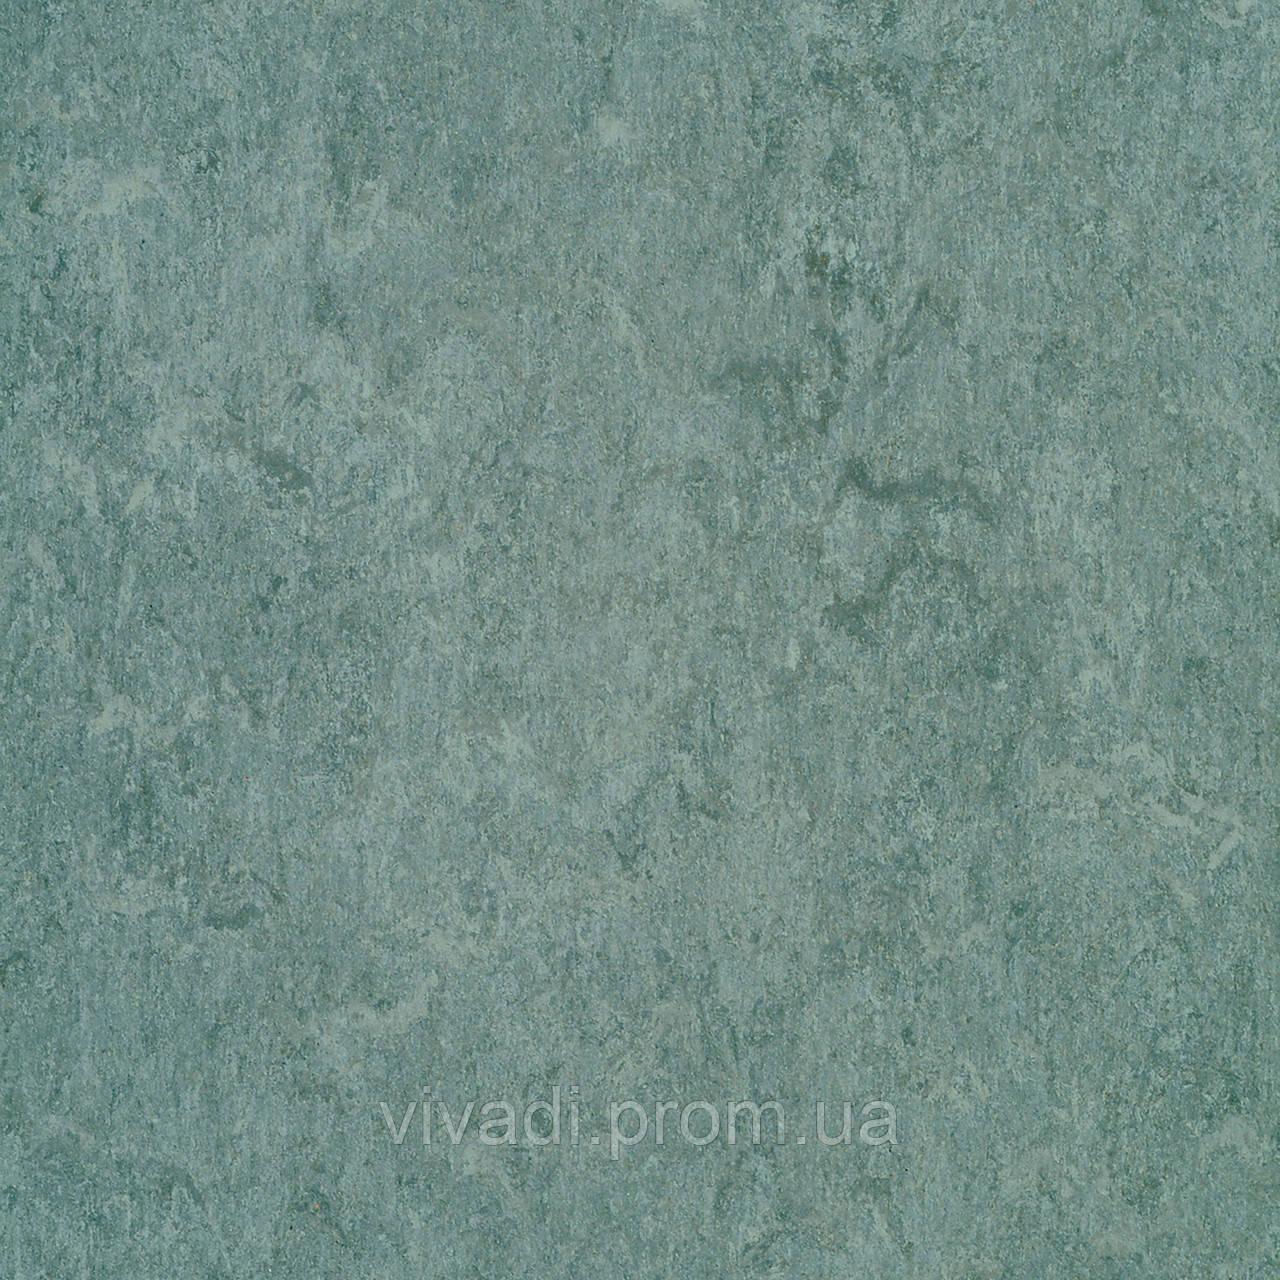 Натуральний лінолеум Marmorette PUR - колір 125-099